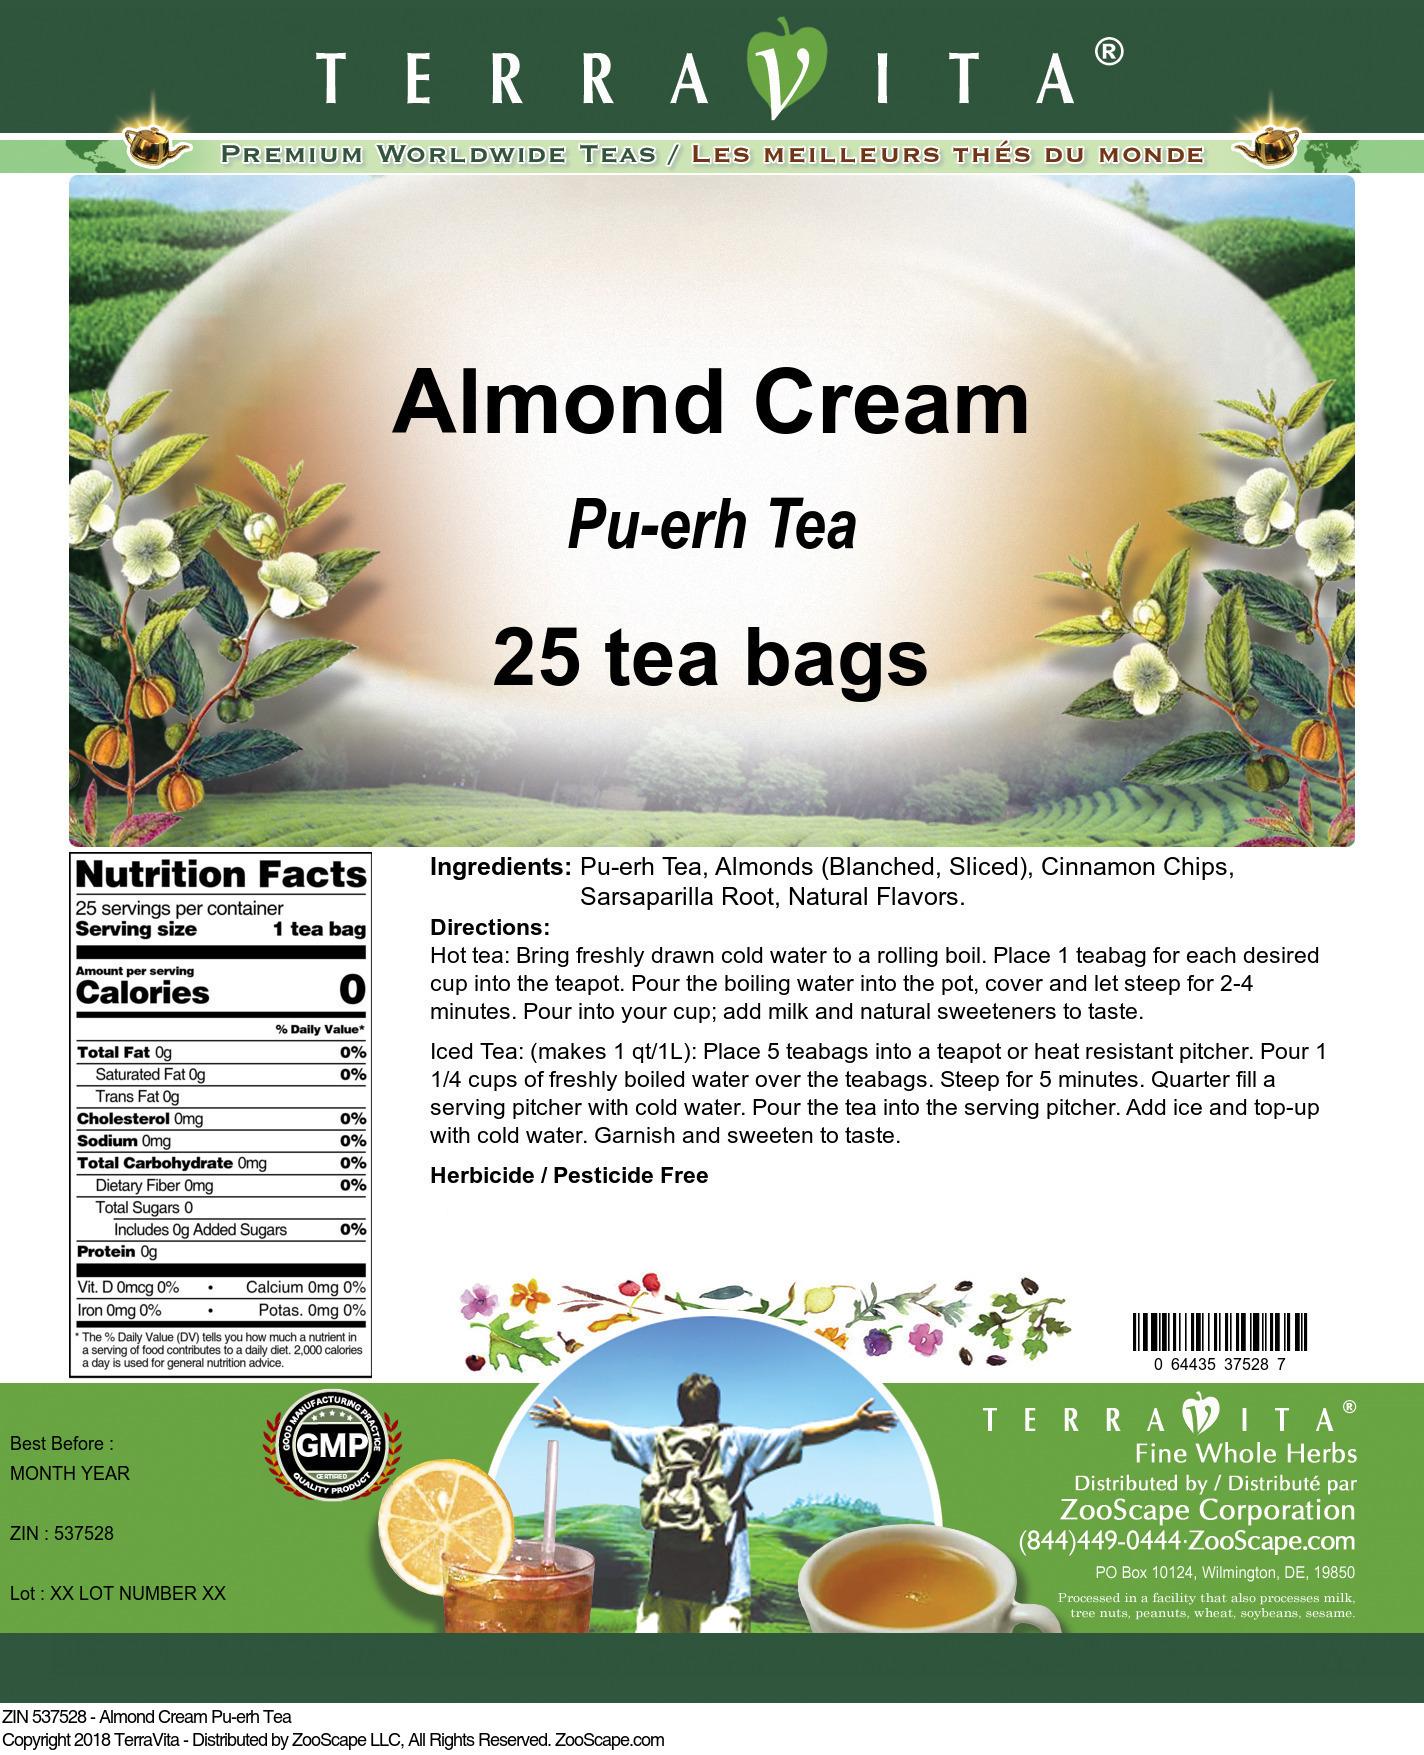 Almond Cream Pu-erh Tea